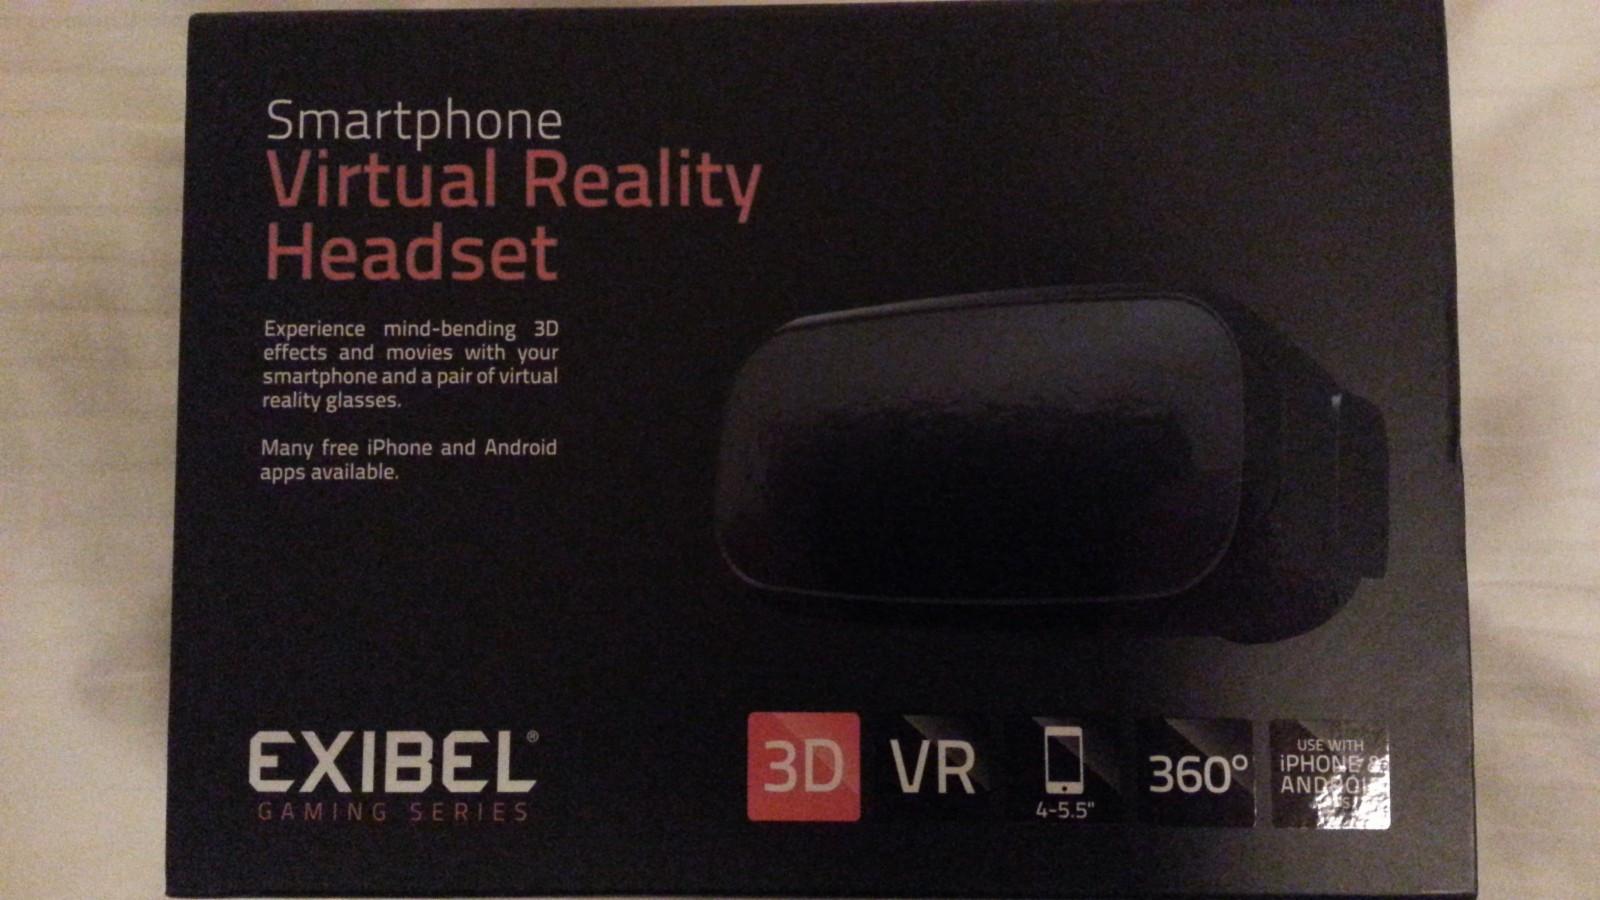 """Virtual Reality Headset til Smartphone - ås  - Smartphone headset fra Exibel. Passer 4-5.5"""" skjerm. Helt ny! Koster 249,- på Clas Ohlson Pris kan diskuteres! De passer ikke telefonen min, så vil bare bli kvitt de. - ås"""